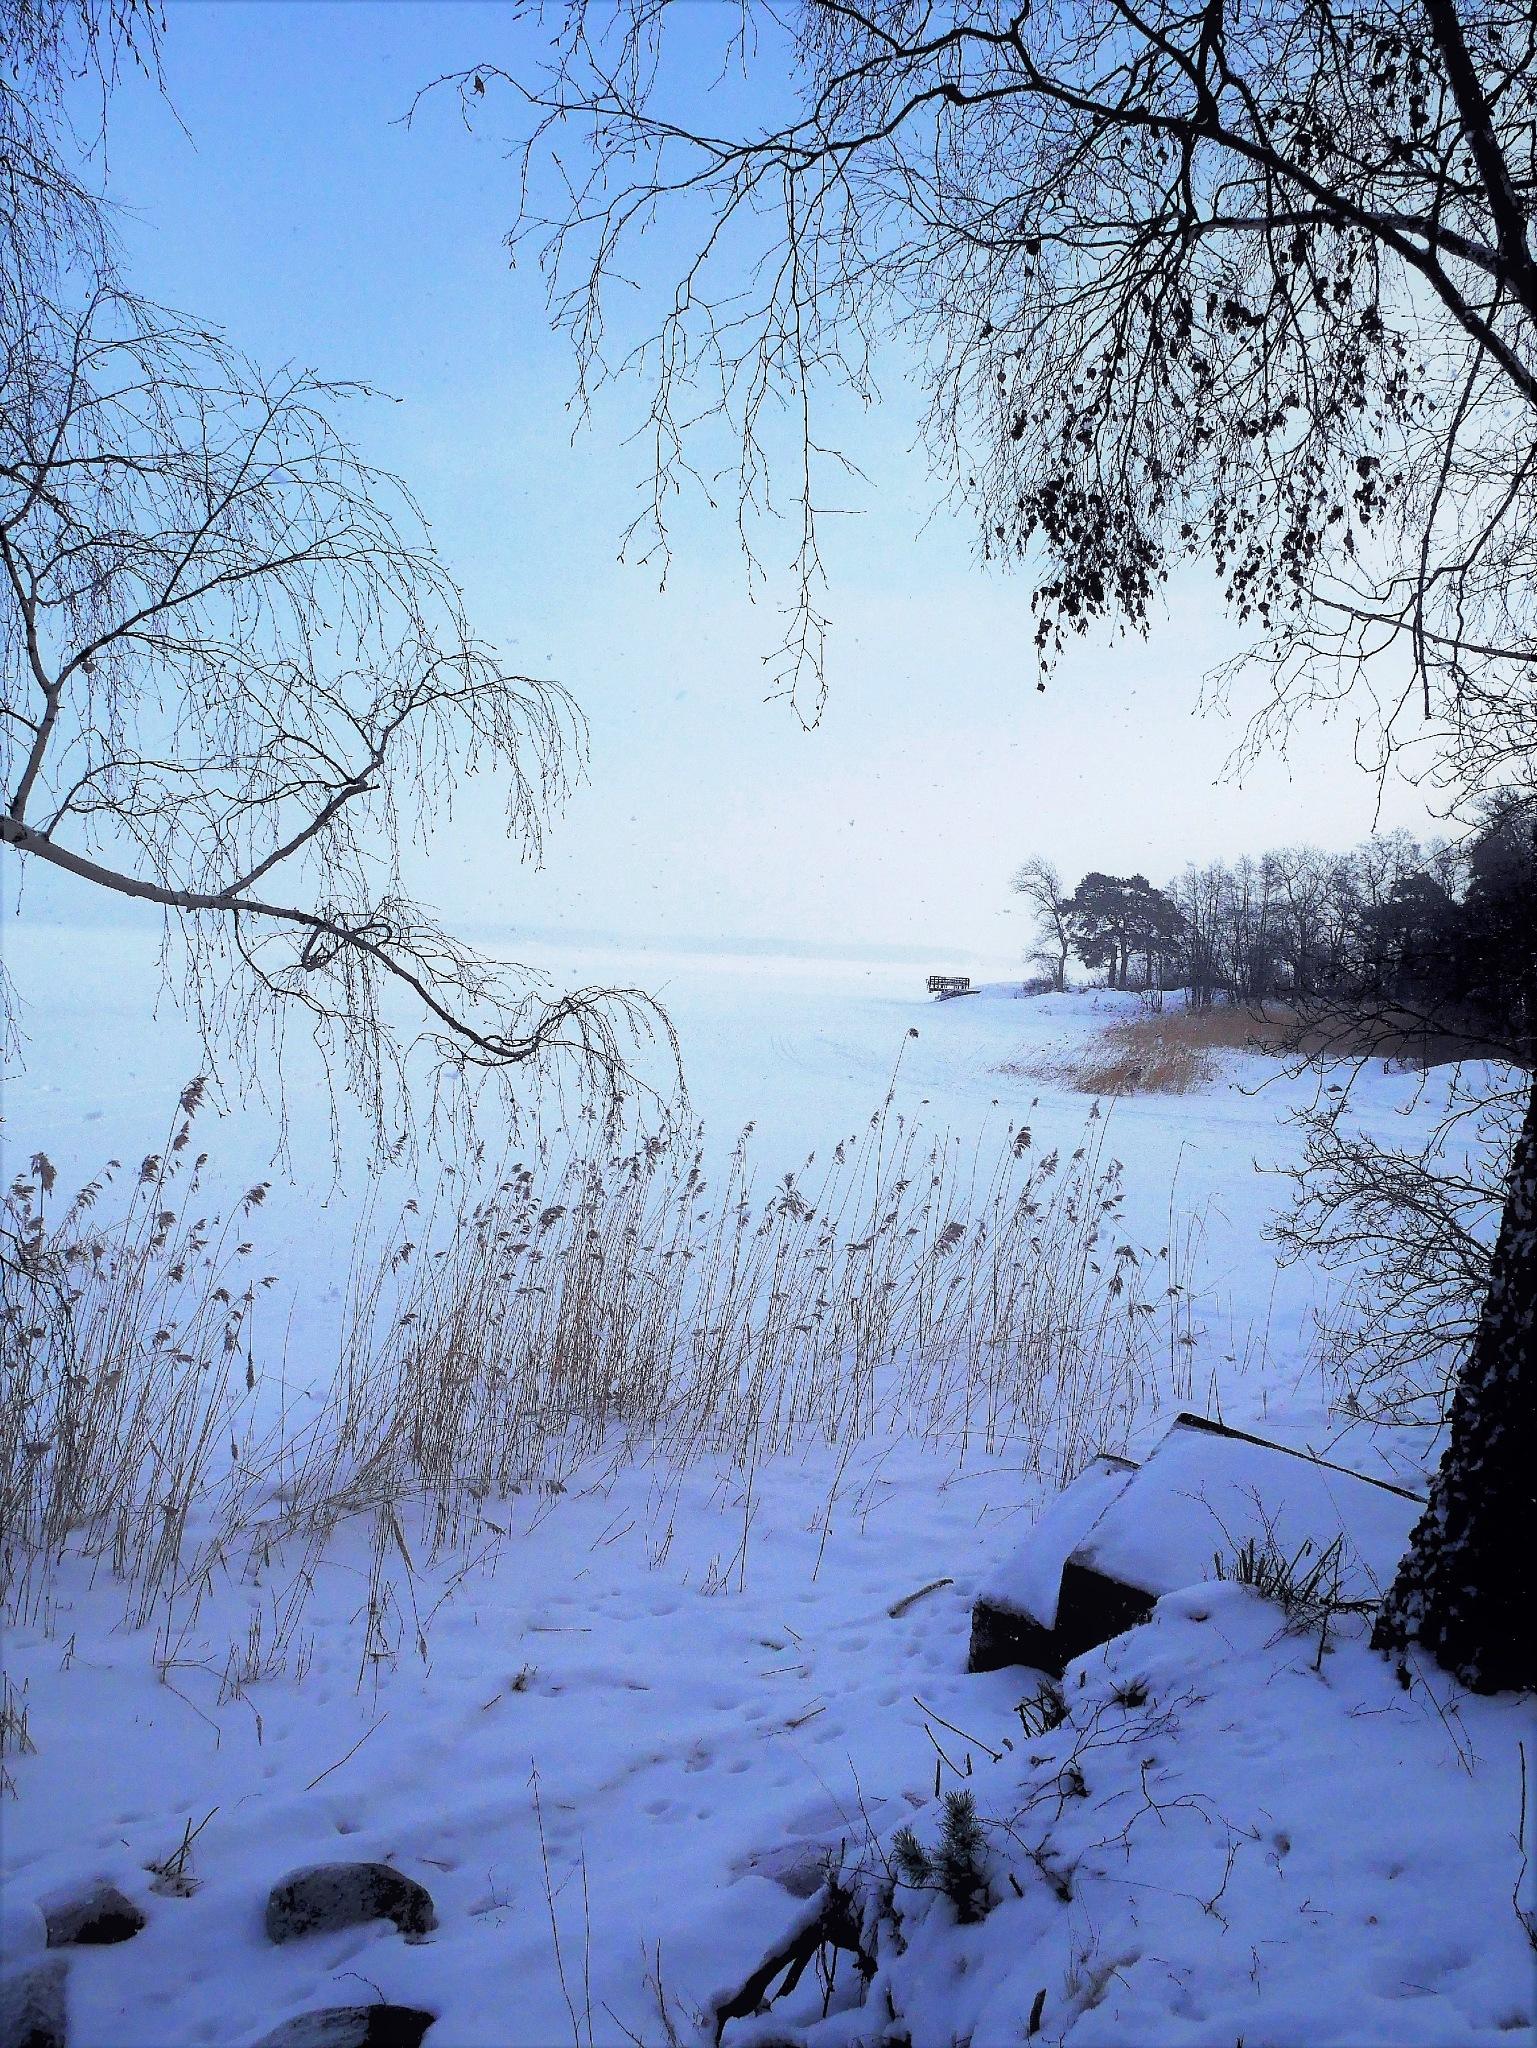 On a cold sunday! by Cicki Jarneberg